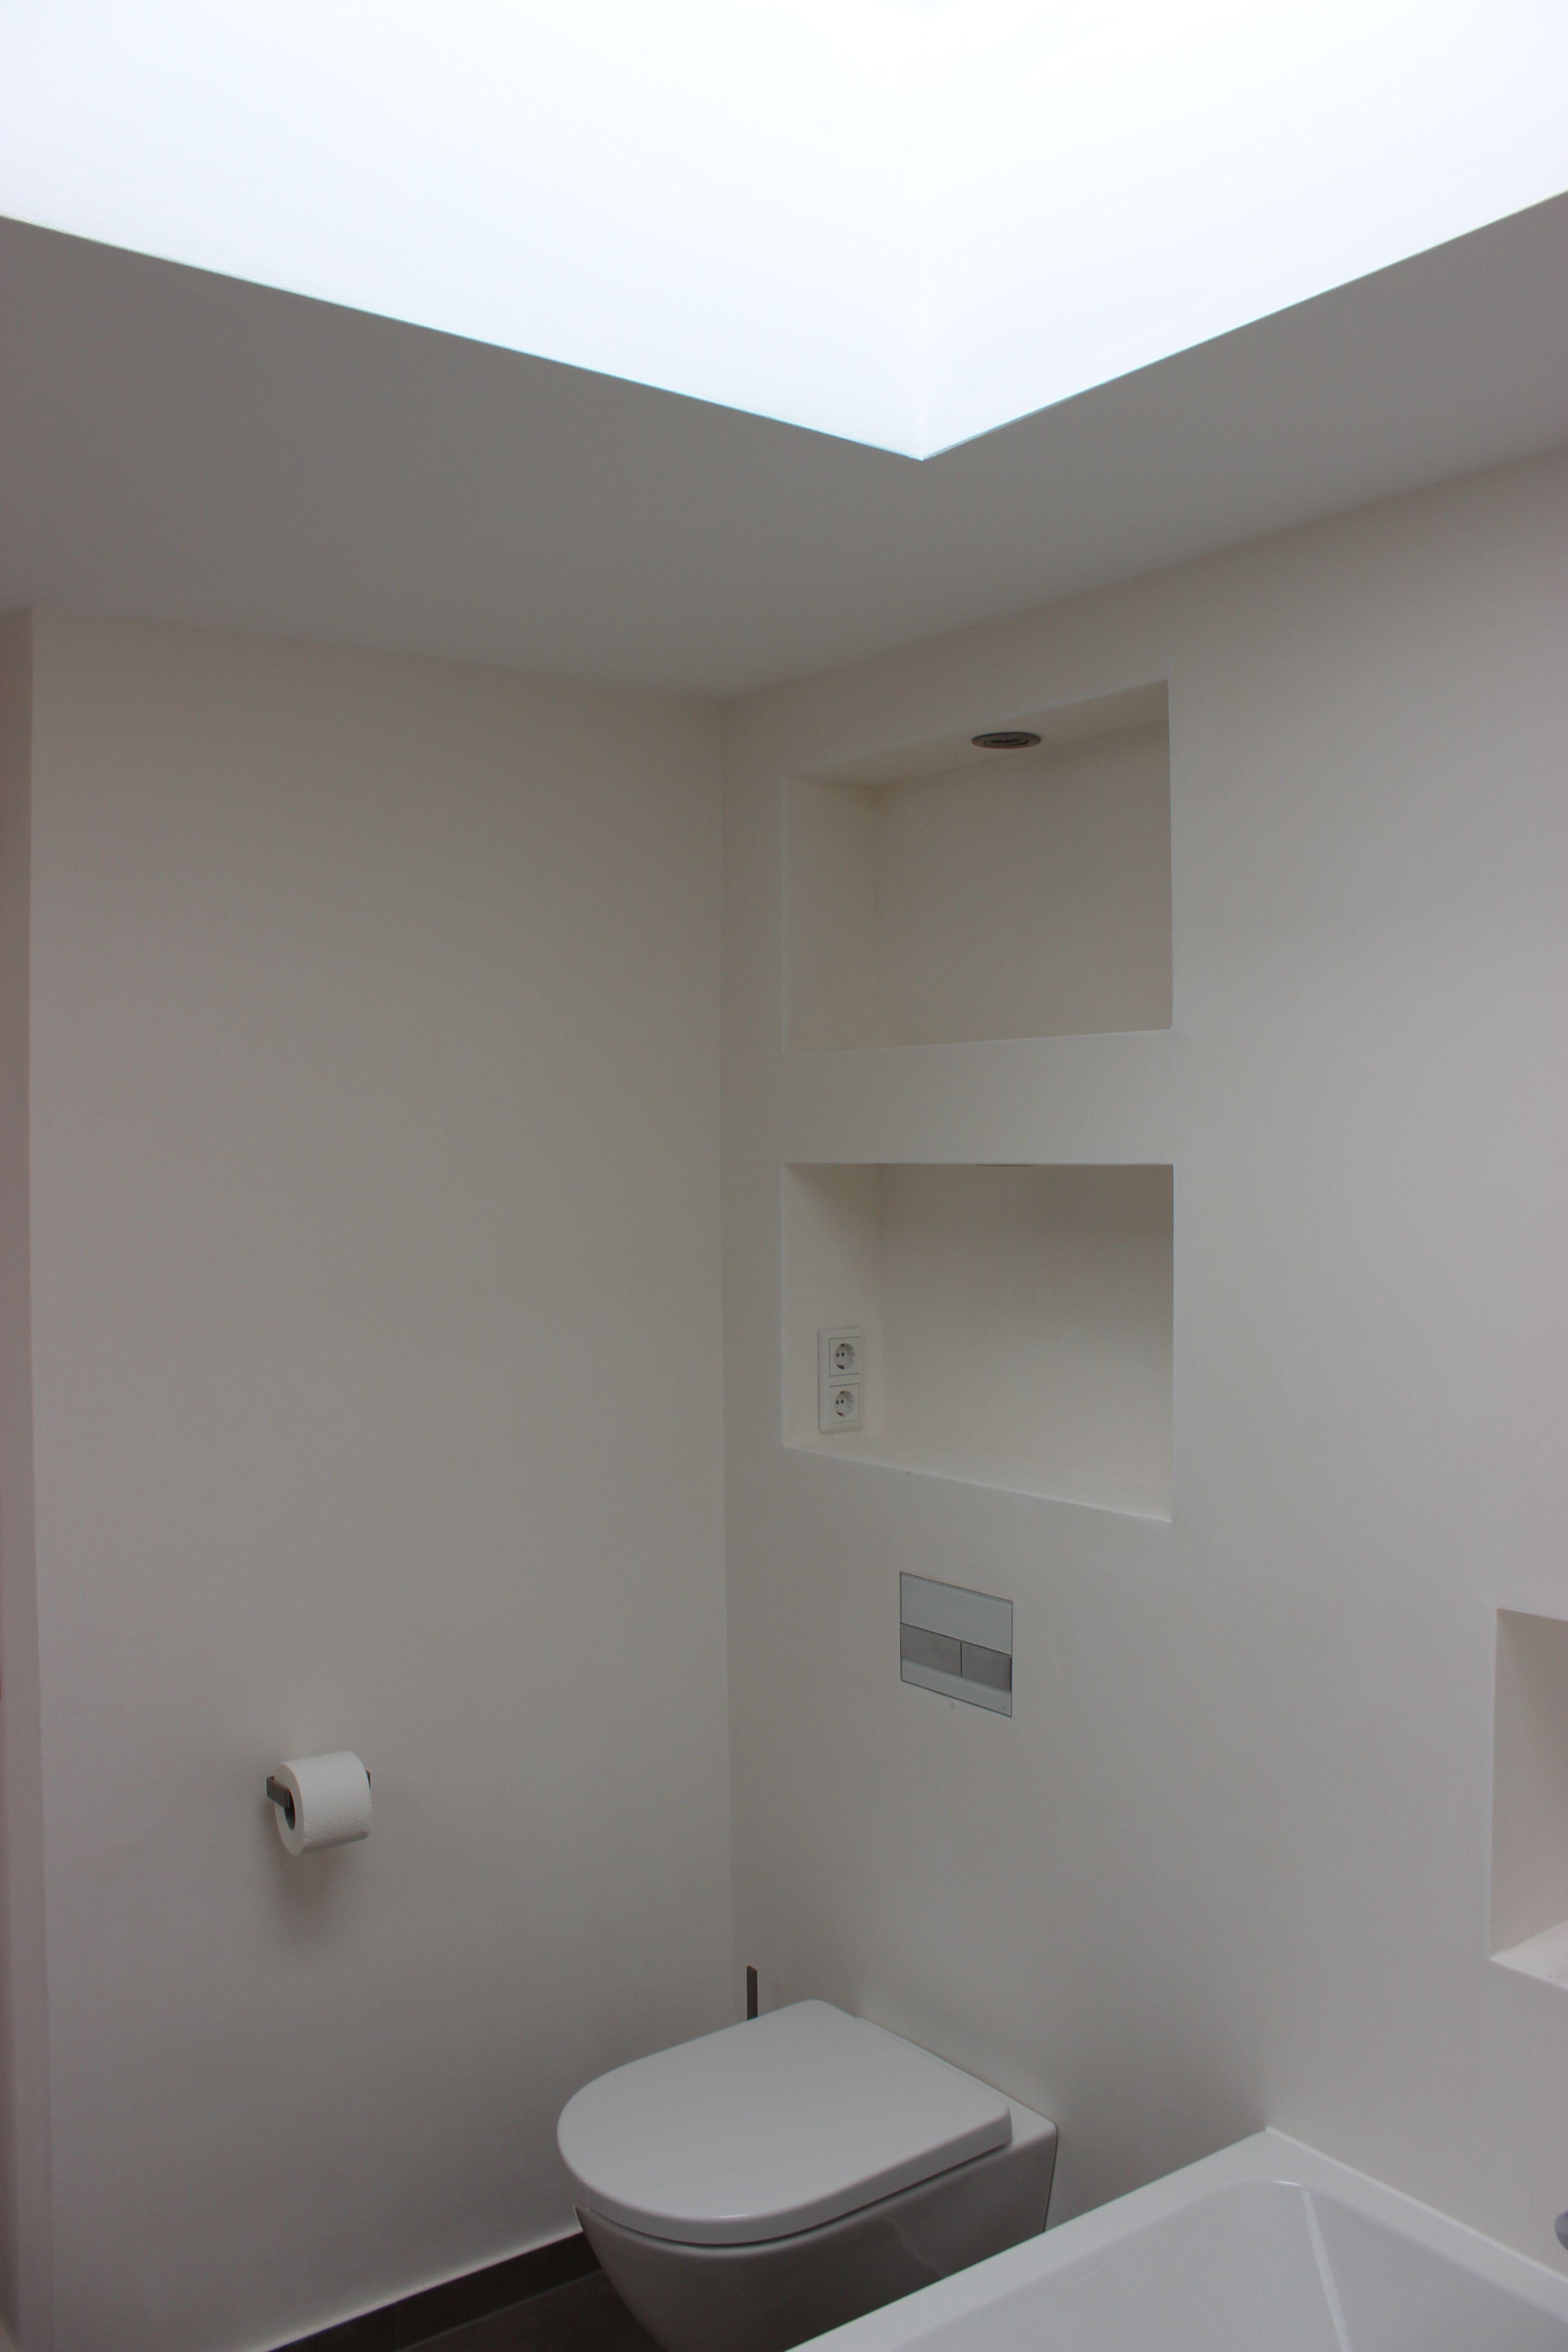 Modernes Zeitloses Bad Mit Praktische Nischen, Fliesen In Betonoptik Farbe  Mokka, Wände Stucco Feinspachtel